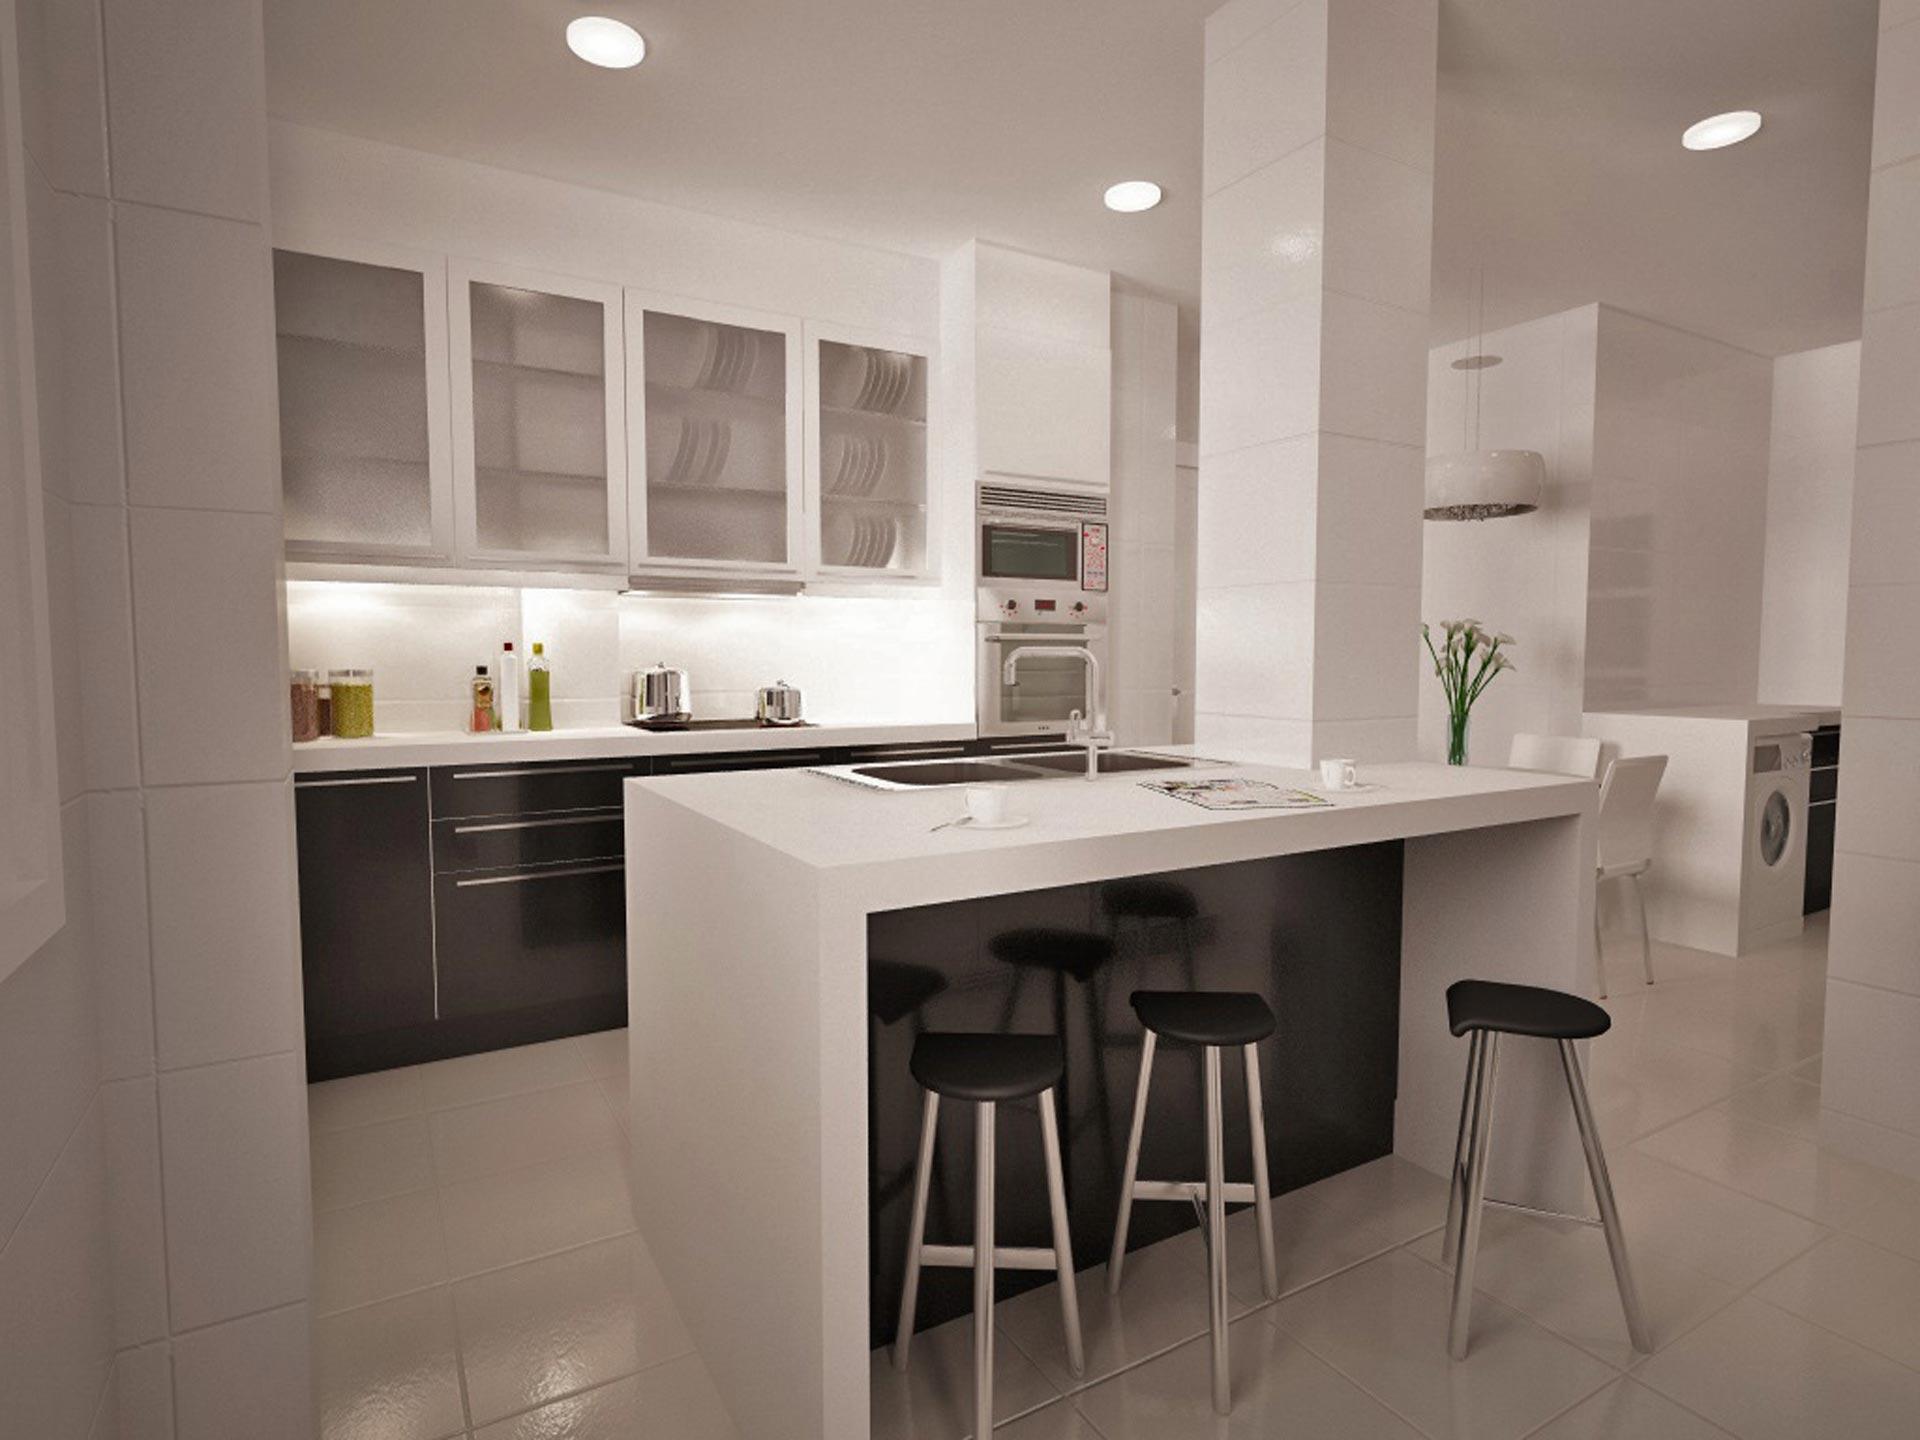 ventajas de tener una isla en la cocina